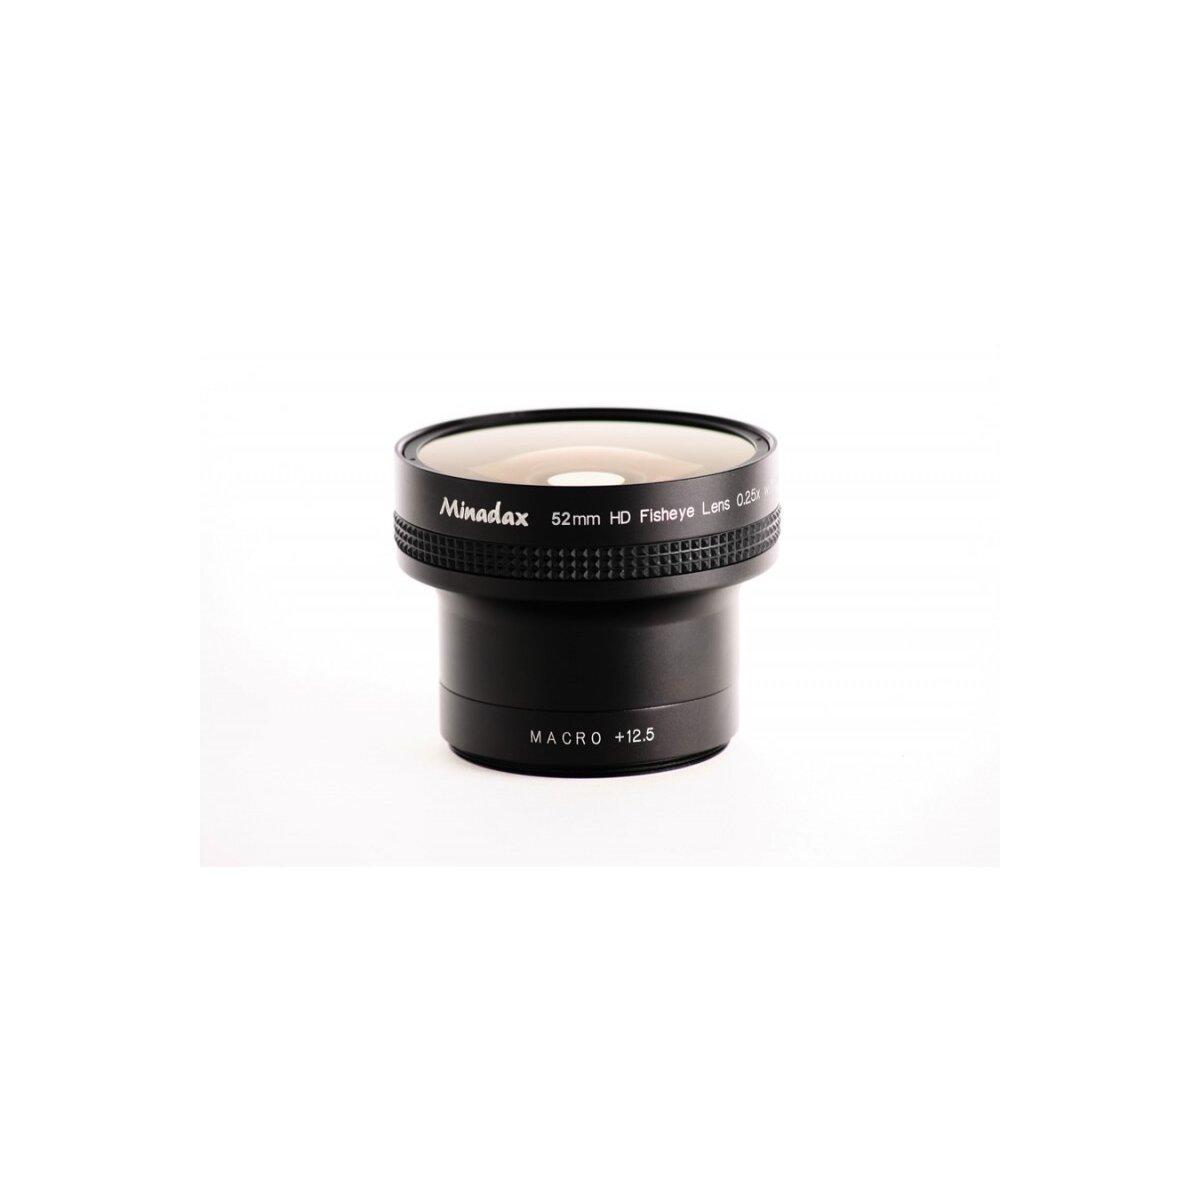 Minadax 0.25x Fisheye Vorsatz kompatibel mit Nikon Coolpix 8400 - in schwarz